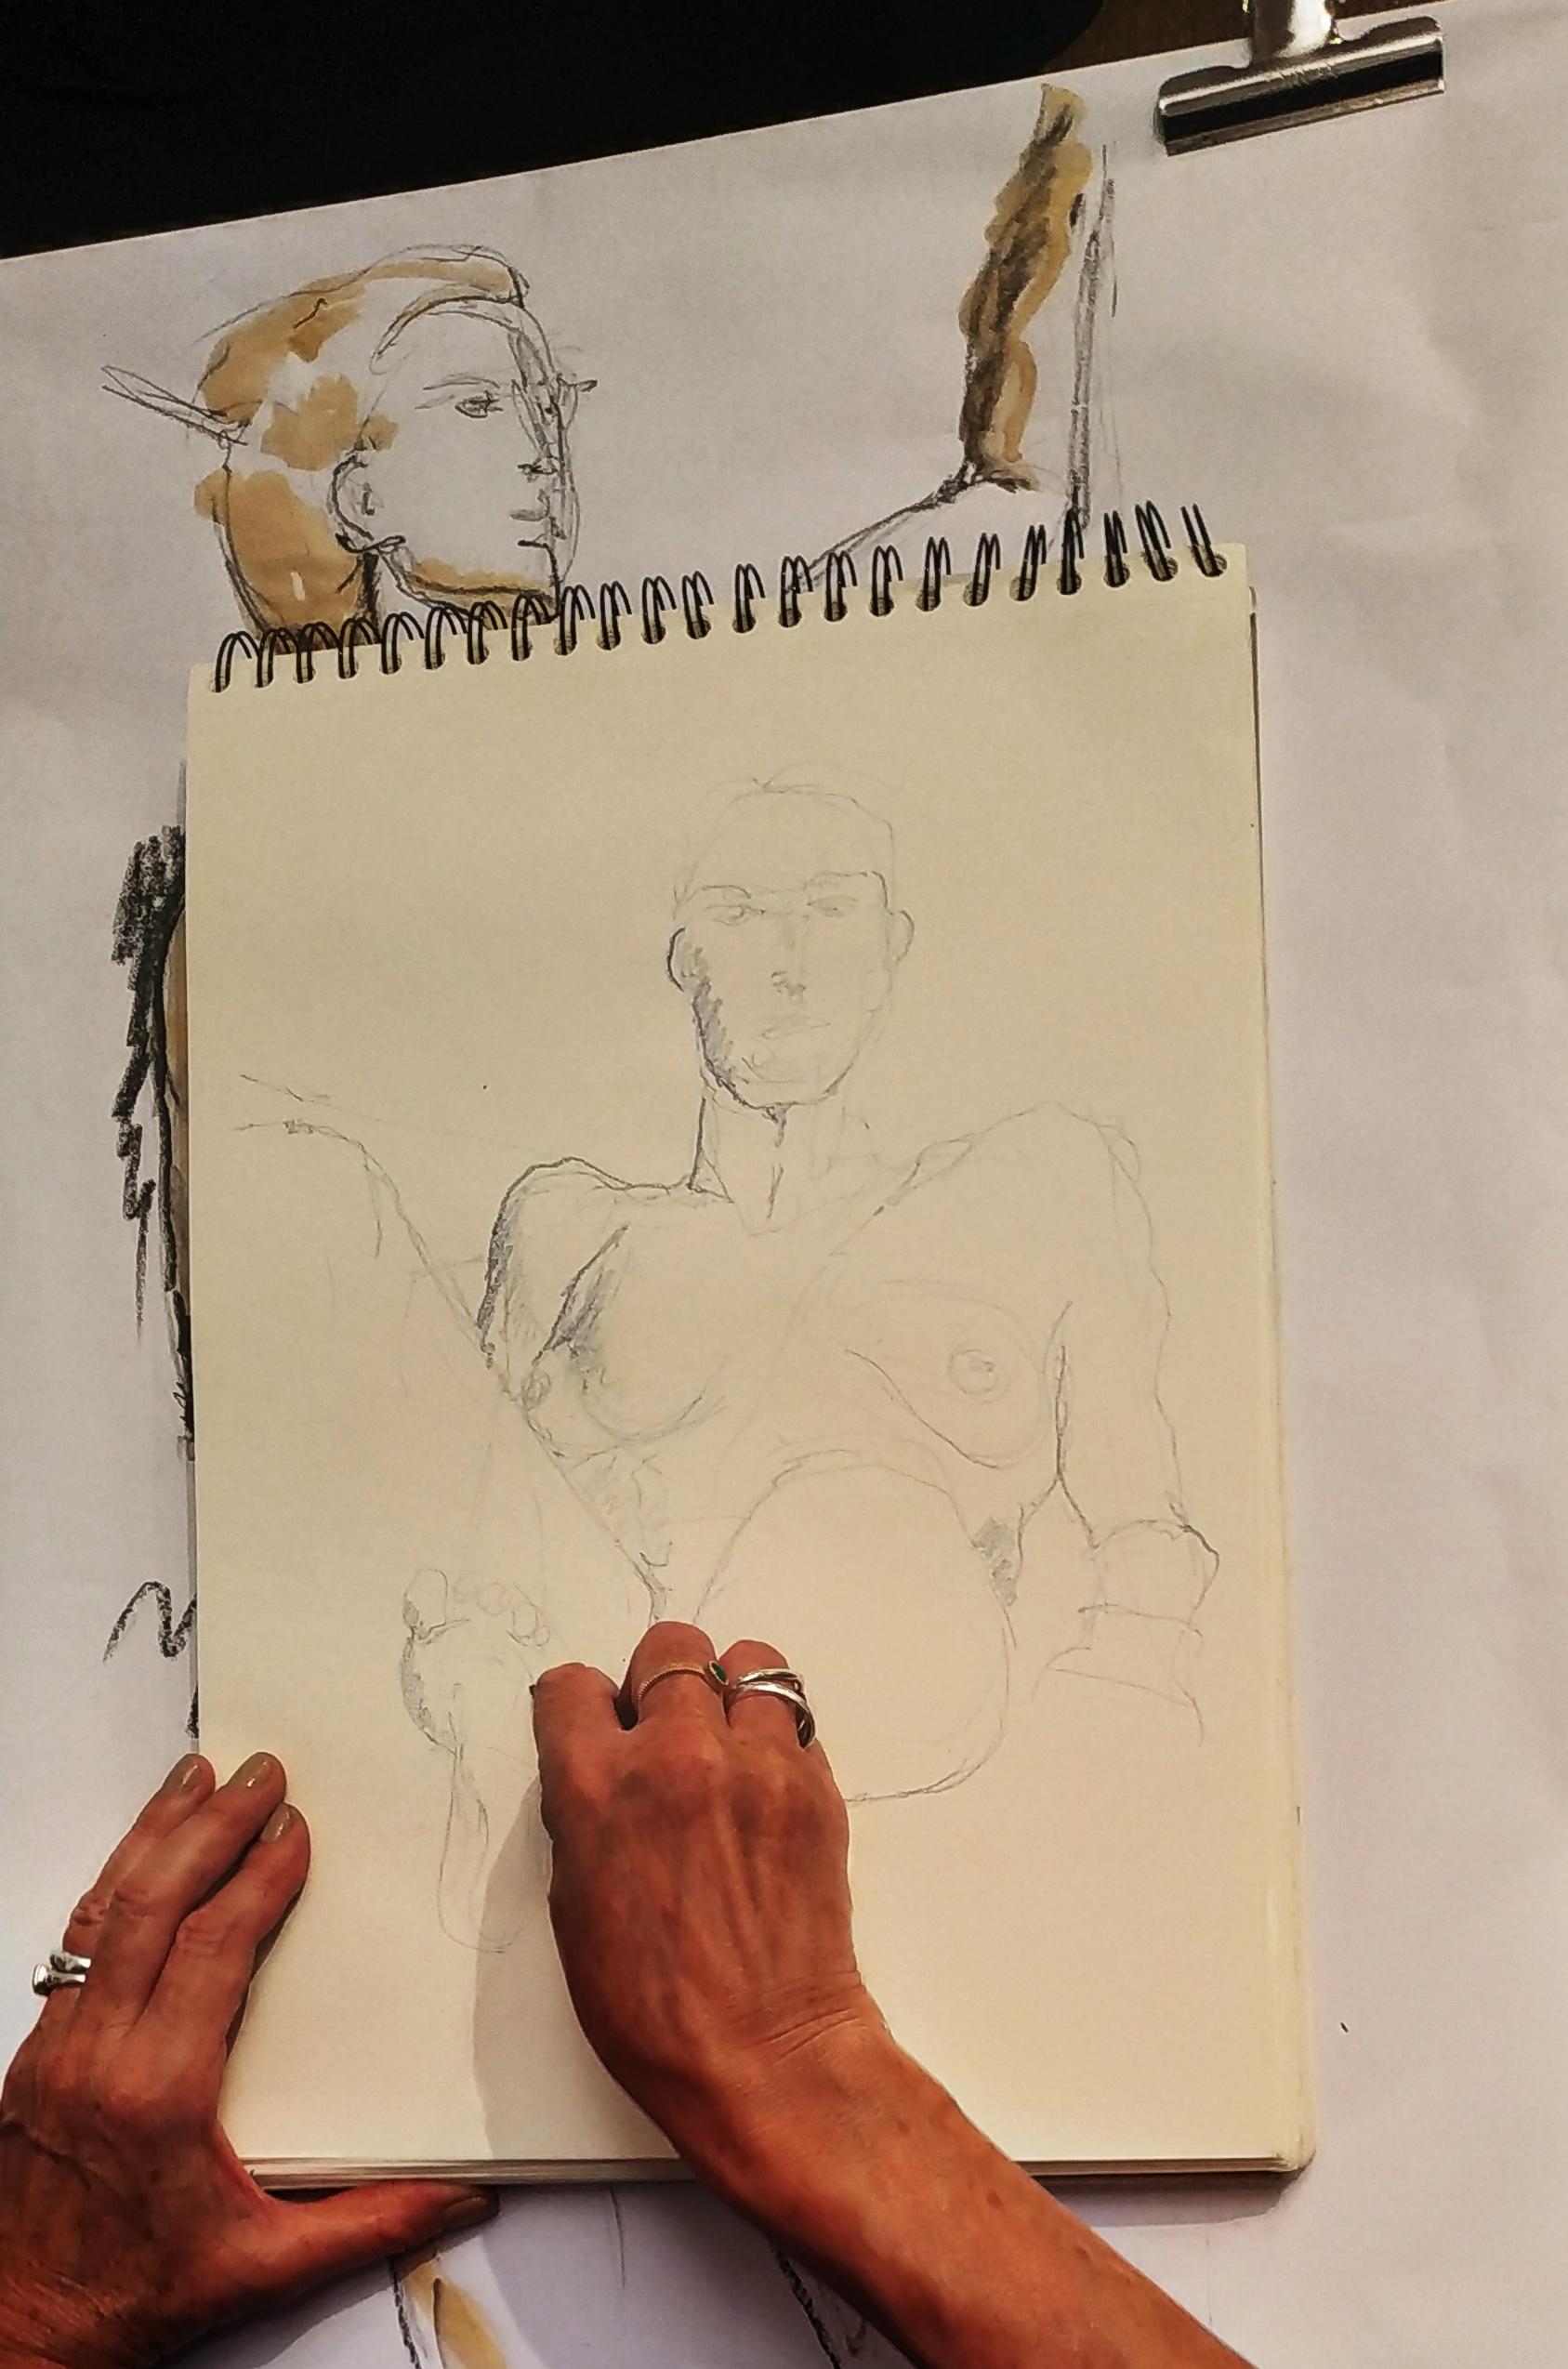 Mod�le vivant allong� raccourci crayon de couleur  cours de dessin